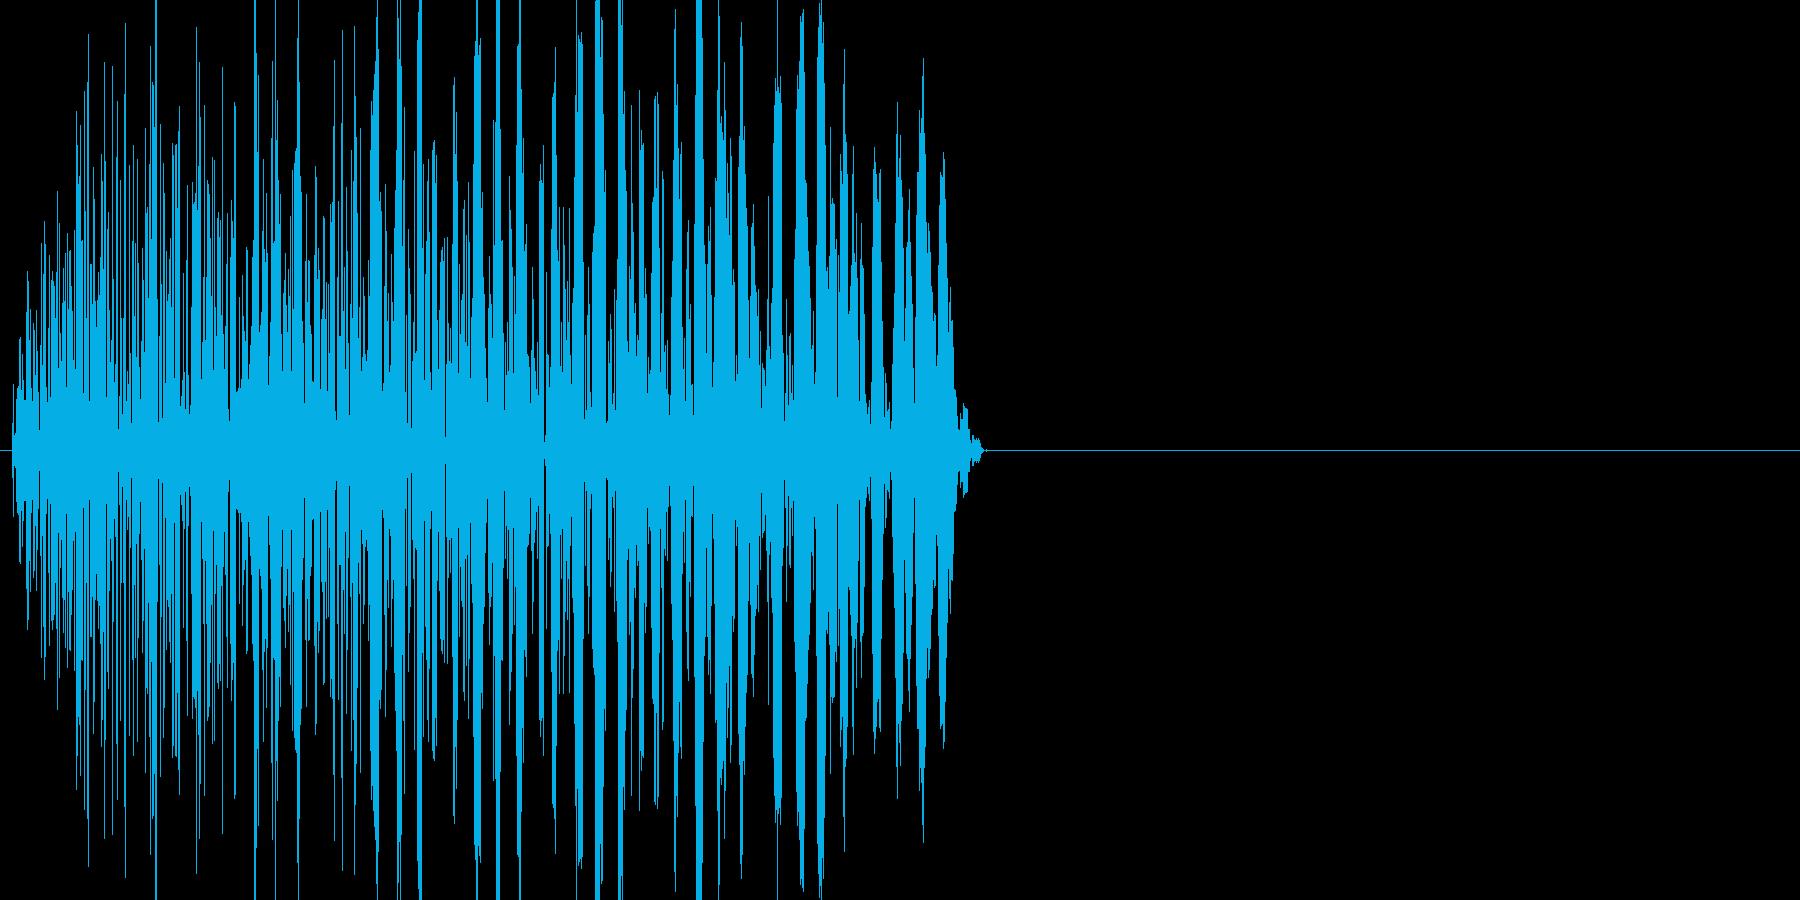 ボタン・カーソル・操作音 「ピッ」の再生済みの波形